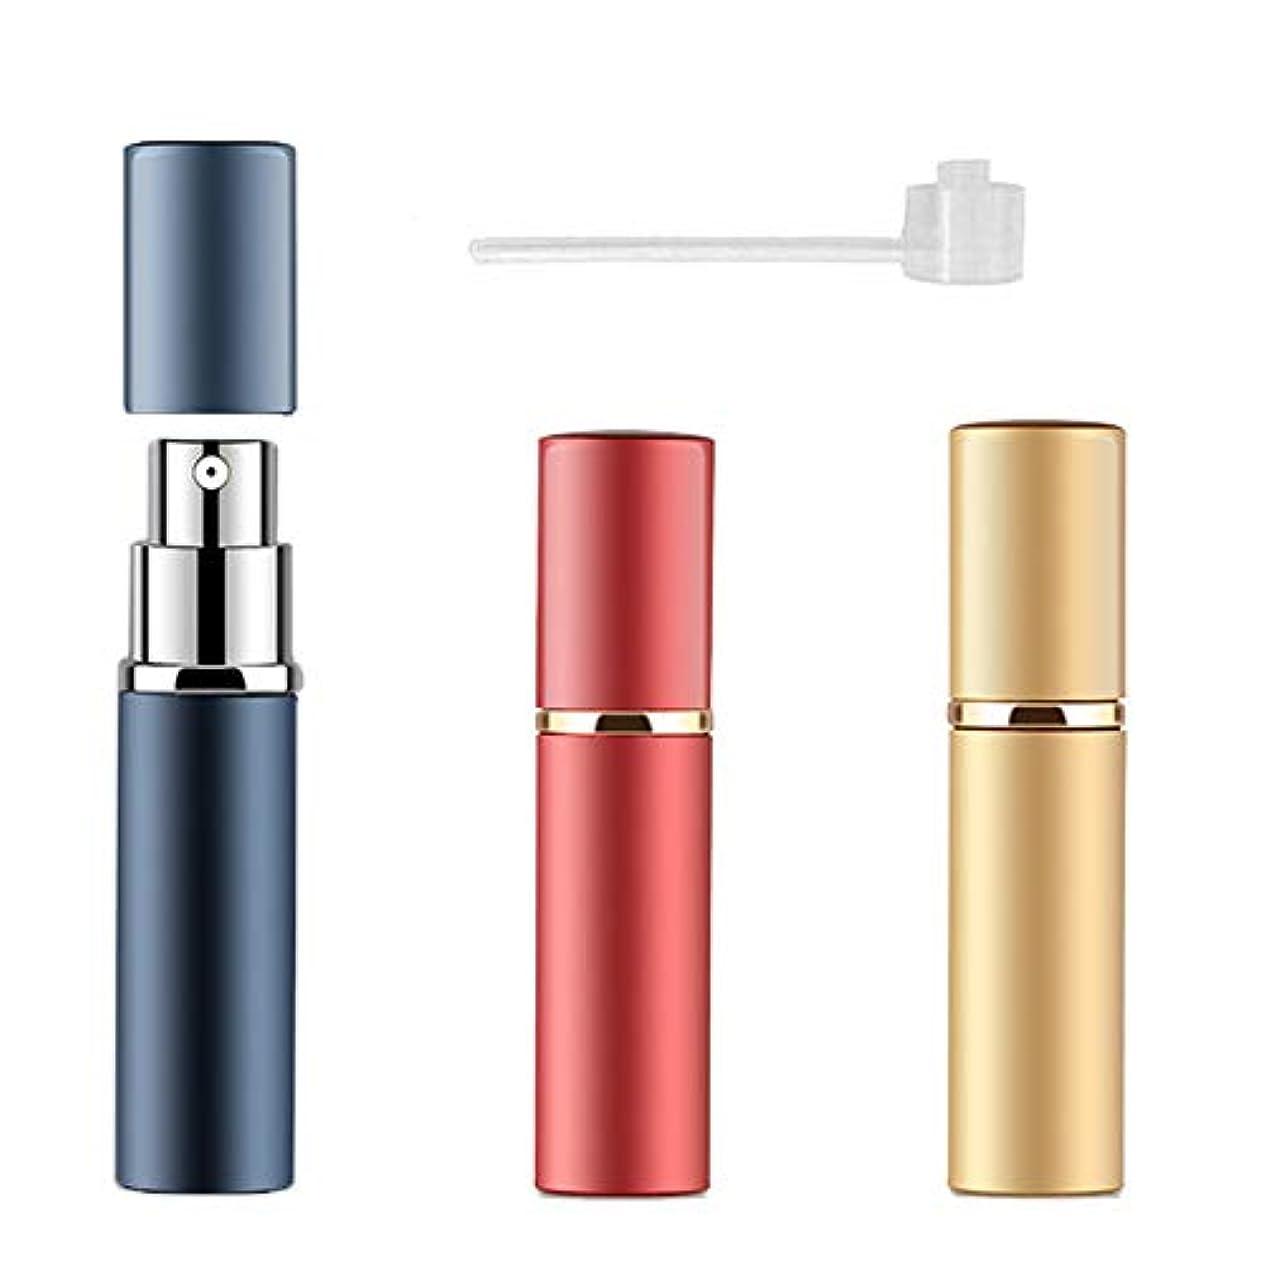 サリー指標想定アトマイザー 香水 詰め替え容器 スプレーボトル 小分けボトル トラベルボトル 旅行携帯便利 (3色セット)